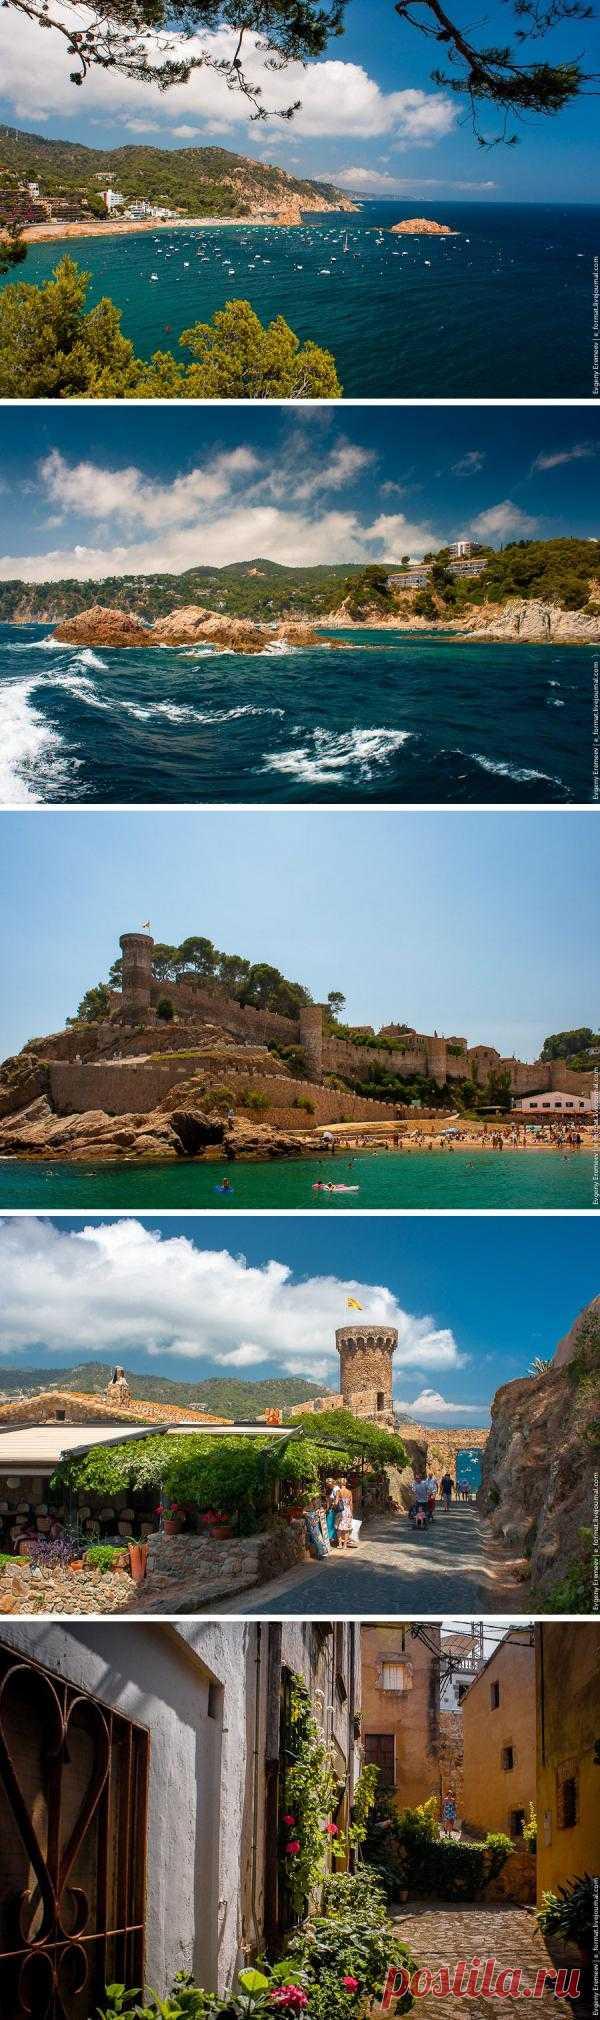 Тосса-де-Мар - курортный пляжный город в Коста Браве, Испания. Находится на средиземноморском побережье. Тосса-де-Мар знаменит старинными виллами, средневековым замком Вилла Велла (Vila Vella), расположенным на скале, и известен как один из лучших курортов Коста Бравы не только для одиночного, но и для семейного отдыха